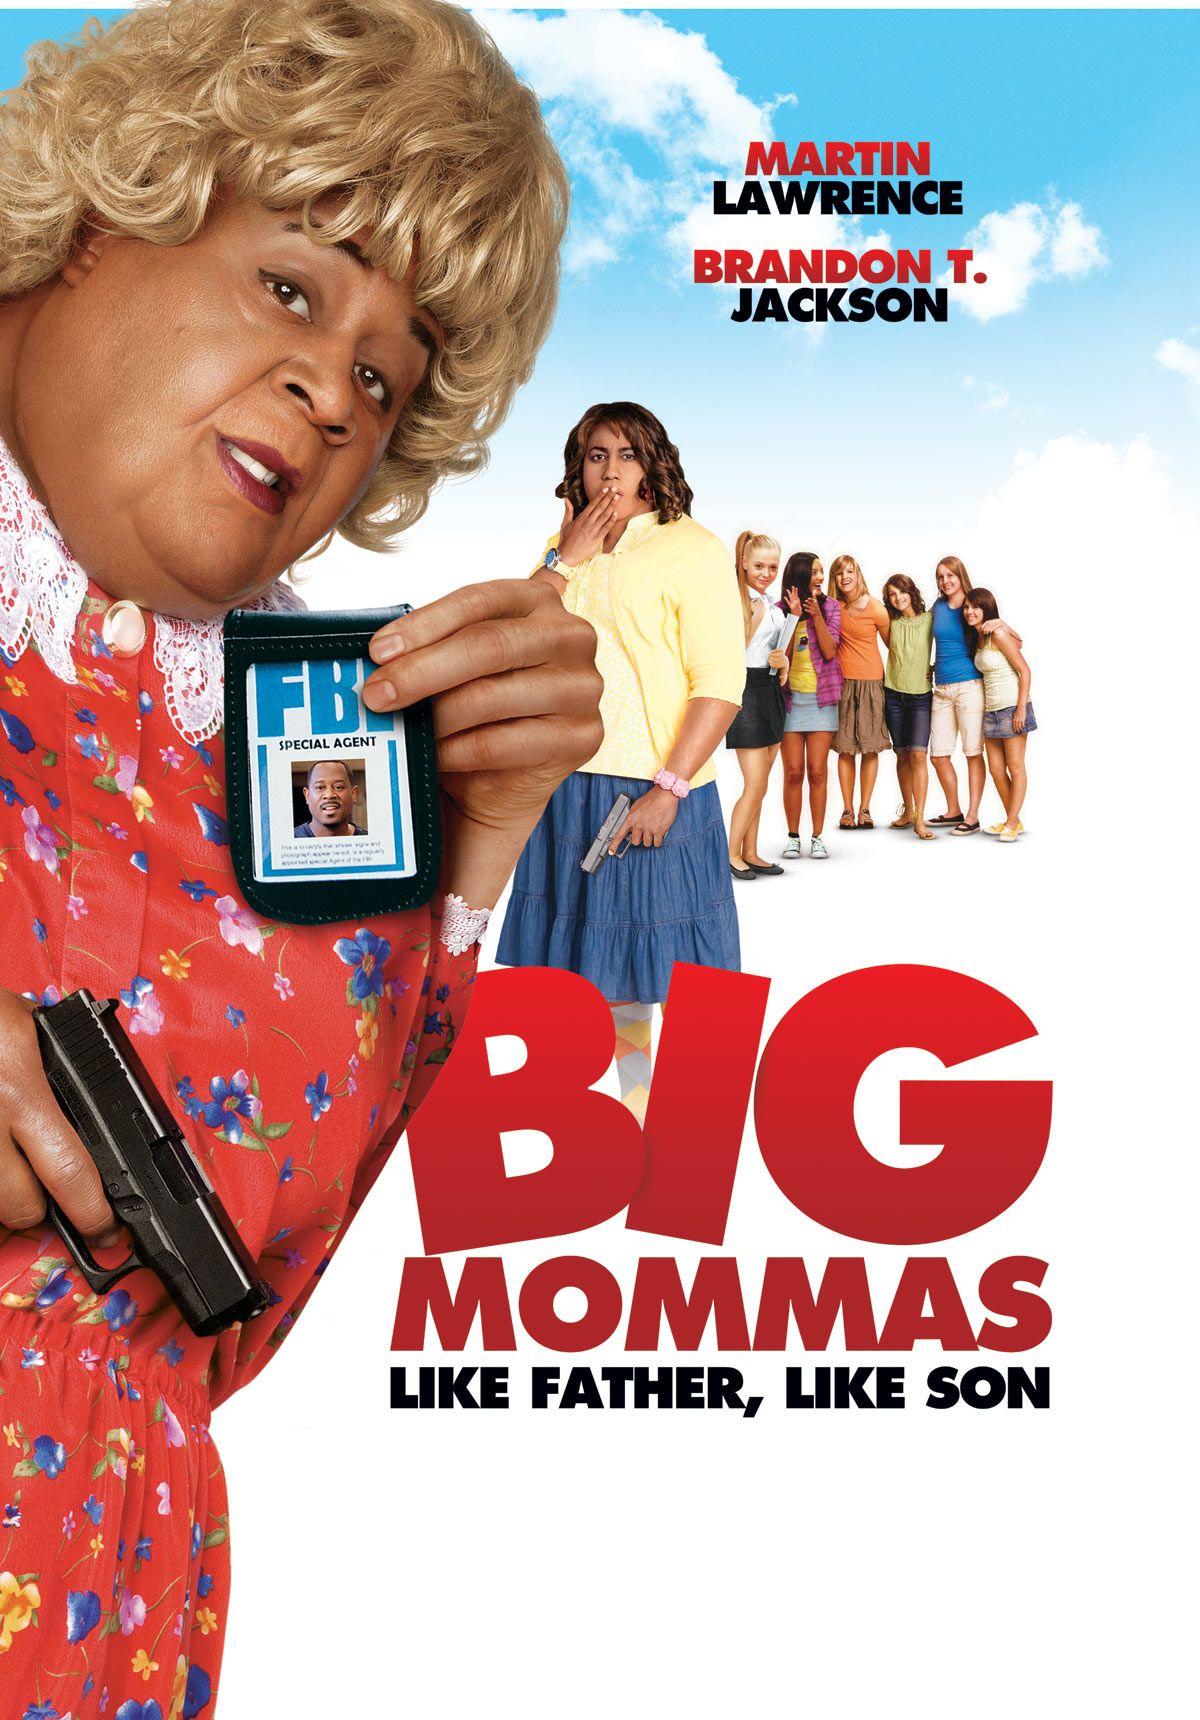 Big Momma's House 3 Like Father, Like Son Film comédie